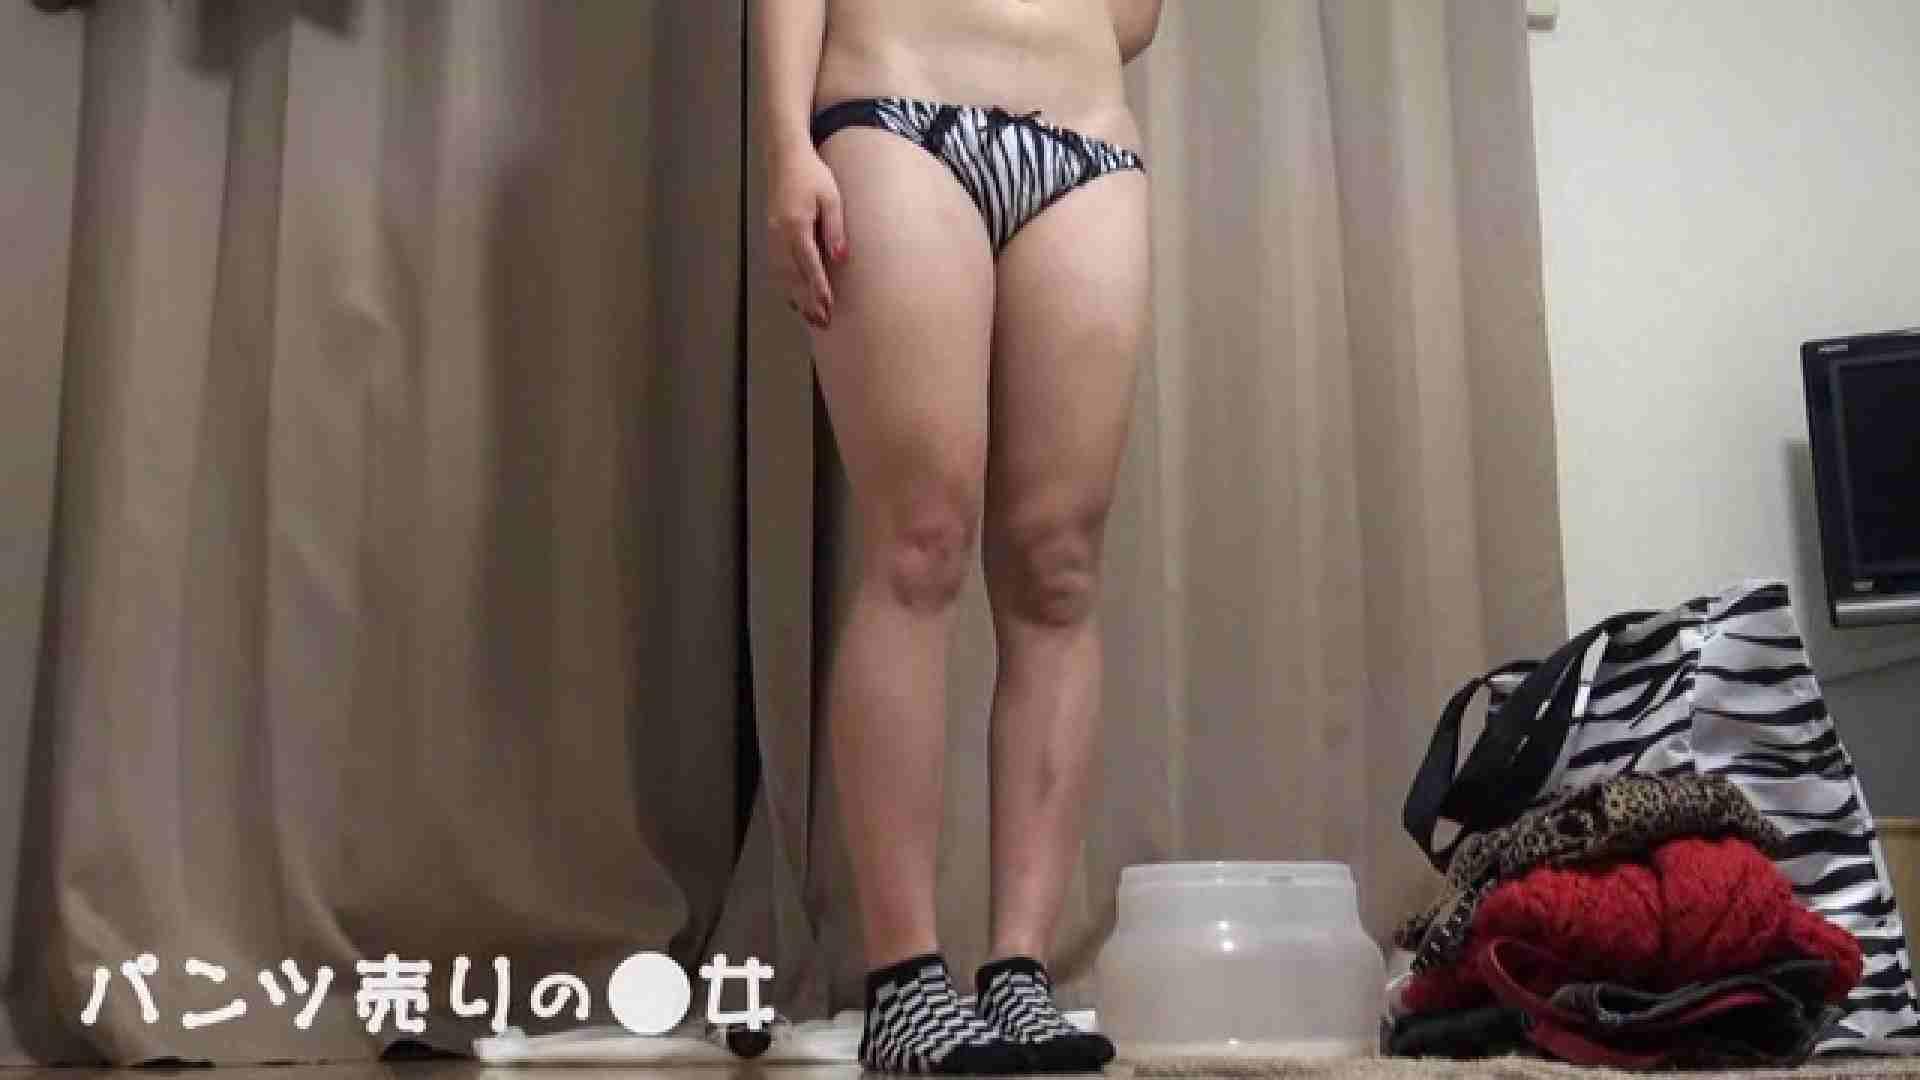 新説 パンツ売りの女の子mizuki 一般投稿   0  109枚 85